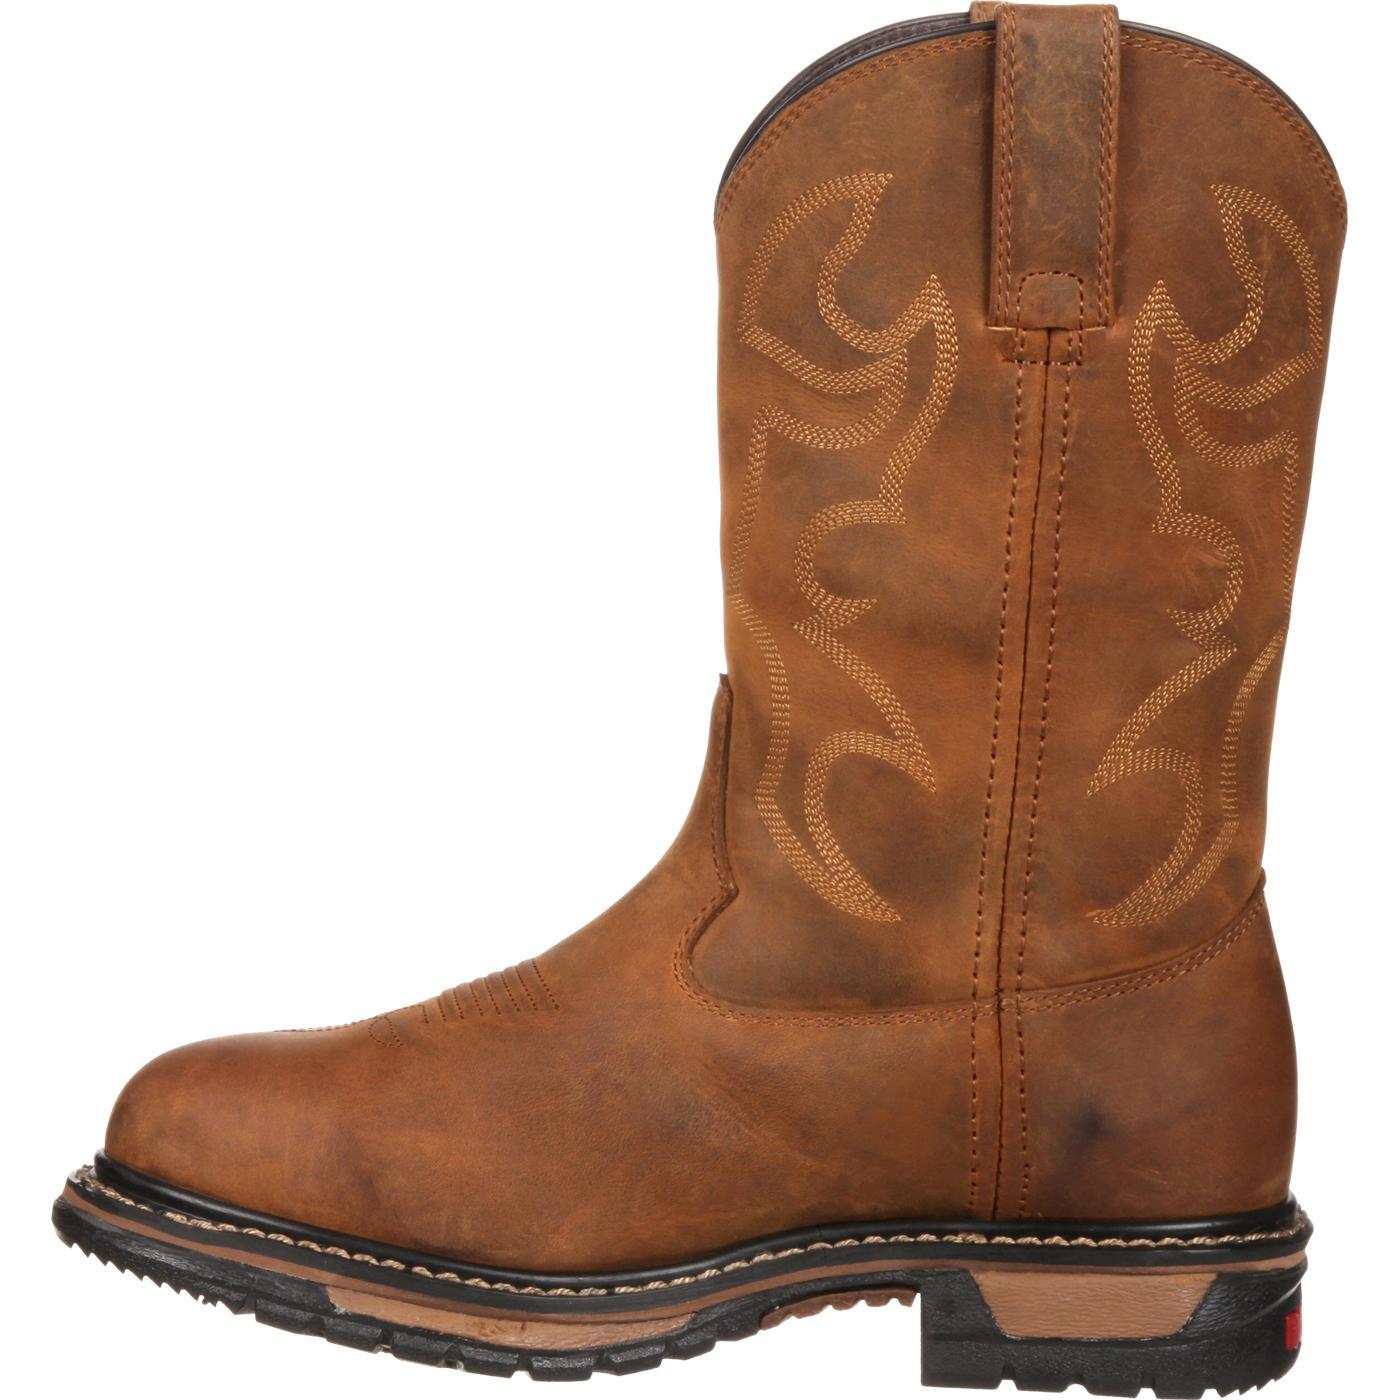 Rocky Women S Original Ride Waterproof Western Boot Rkyw082